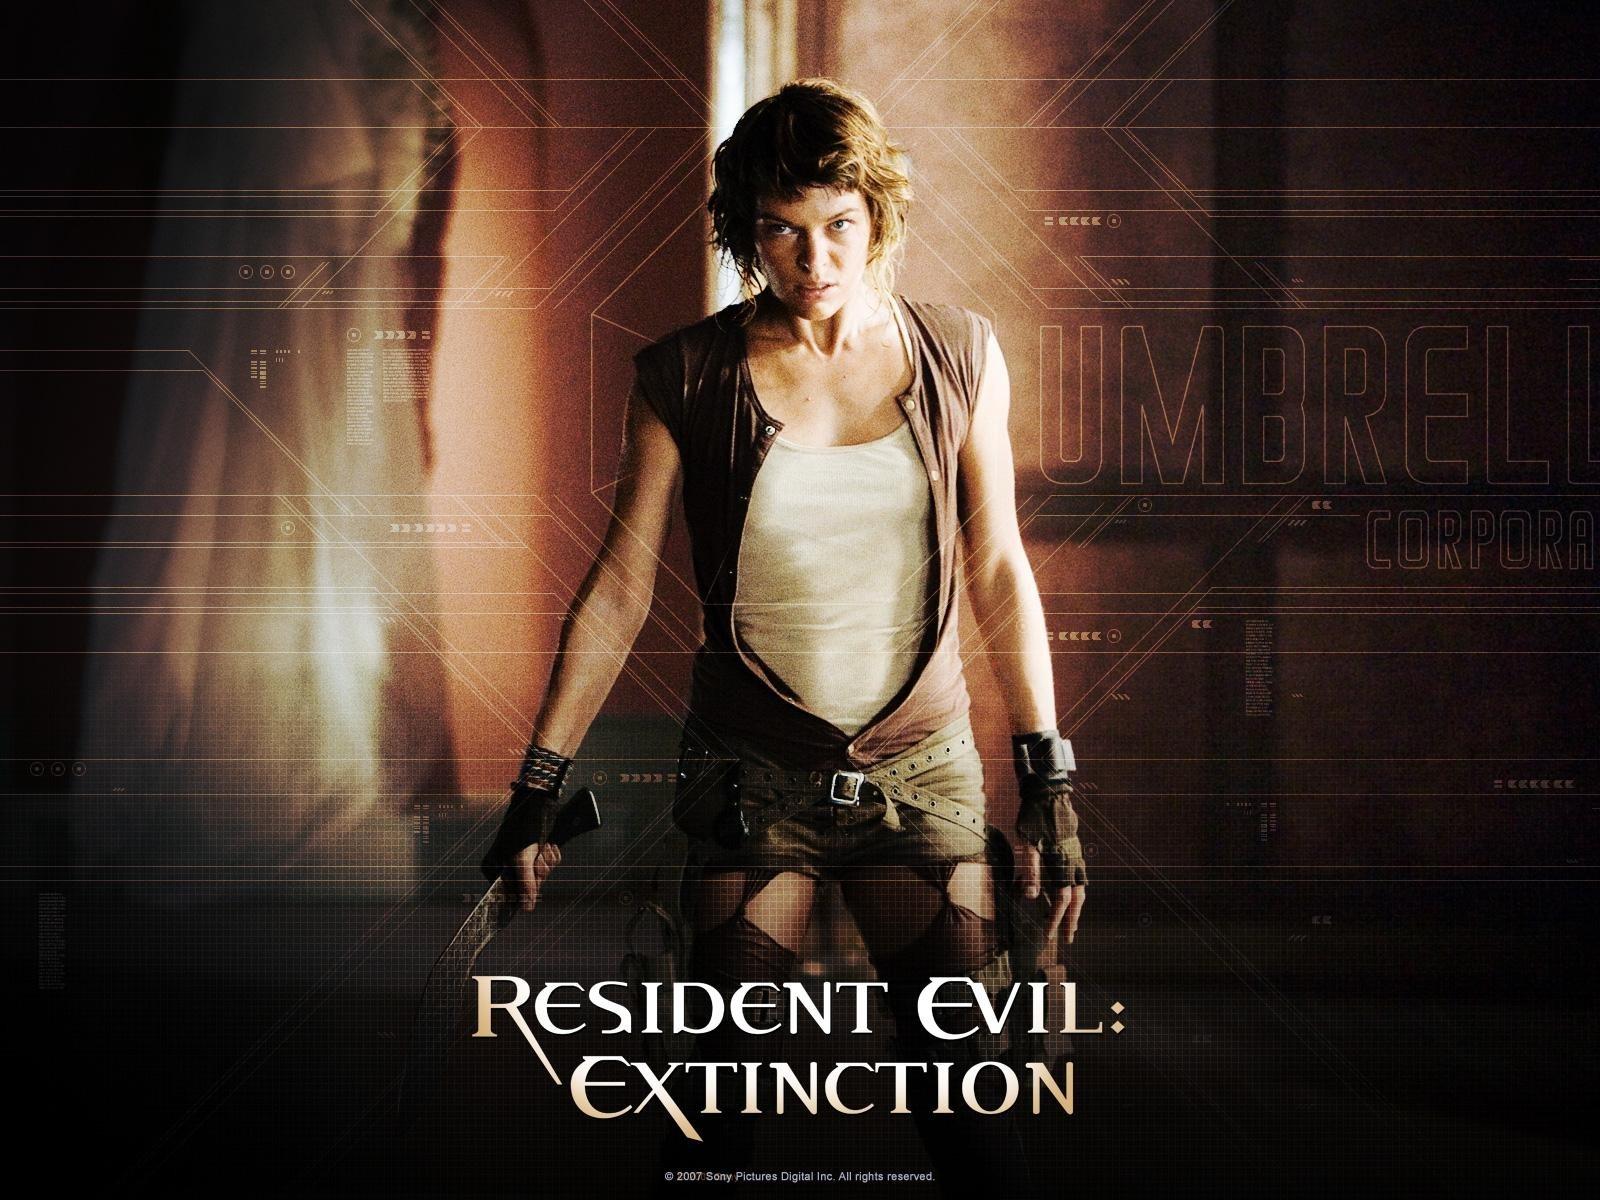 Wallpaper del film Resident Evil: Extinction con la Jovovich